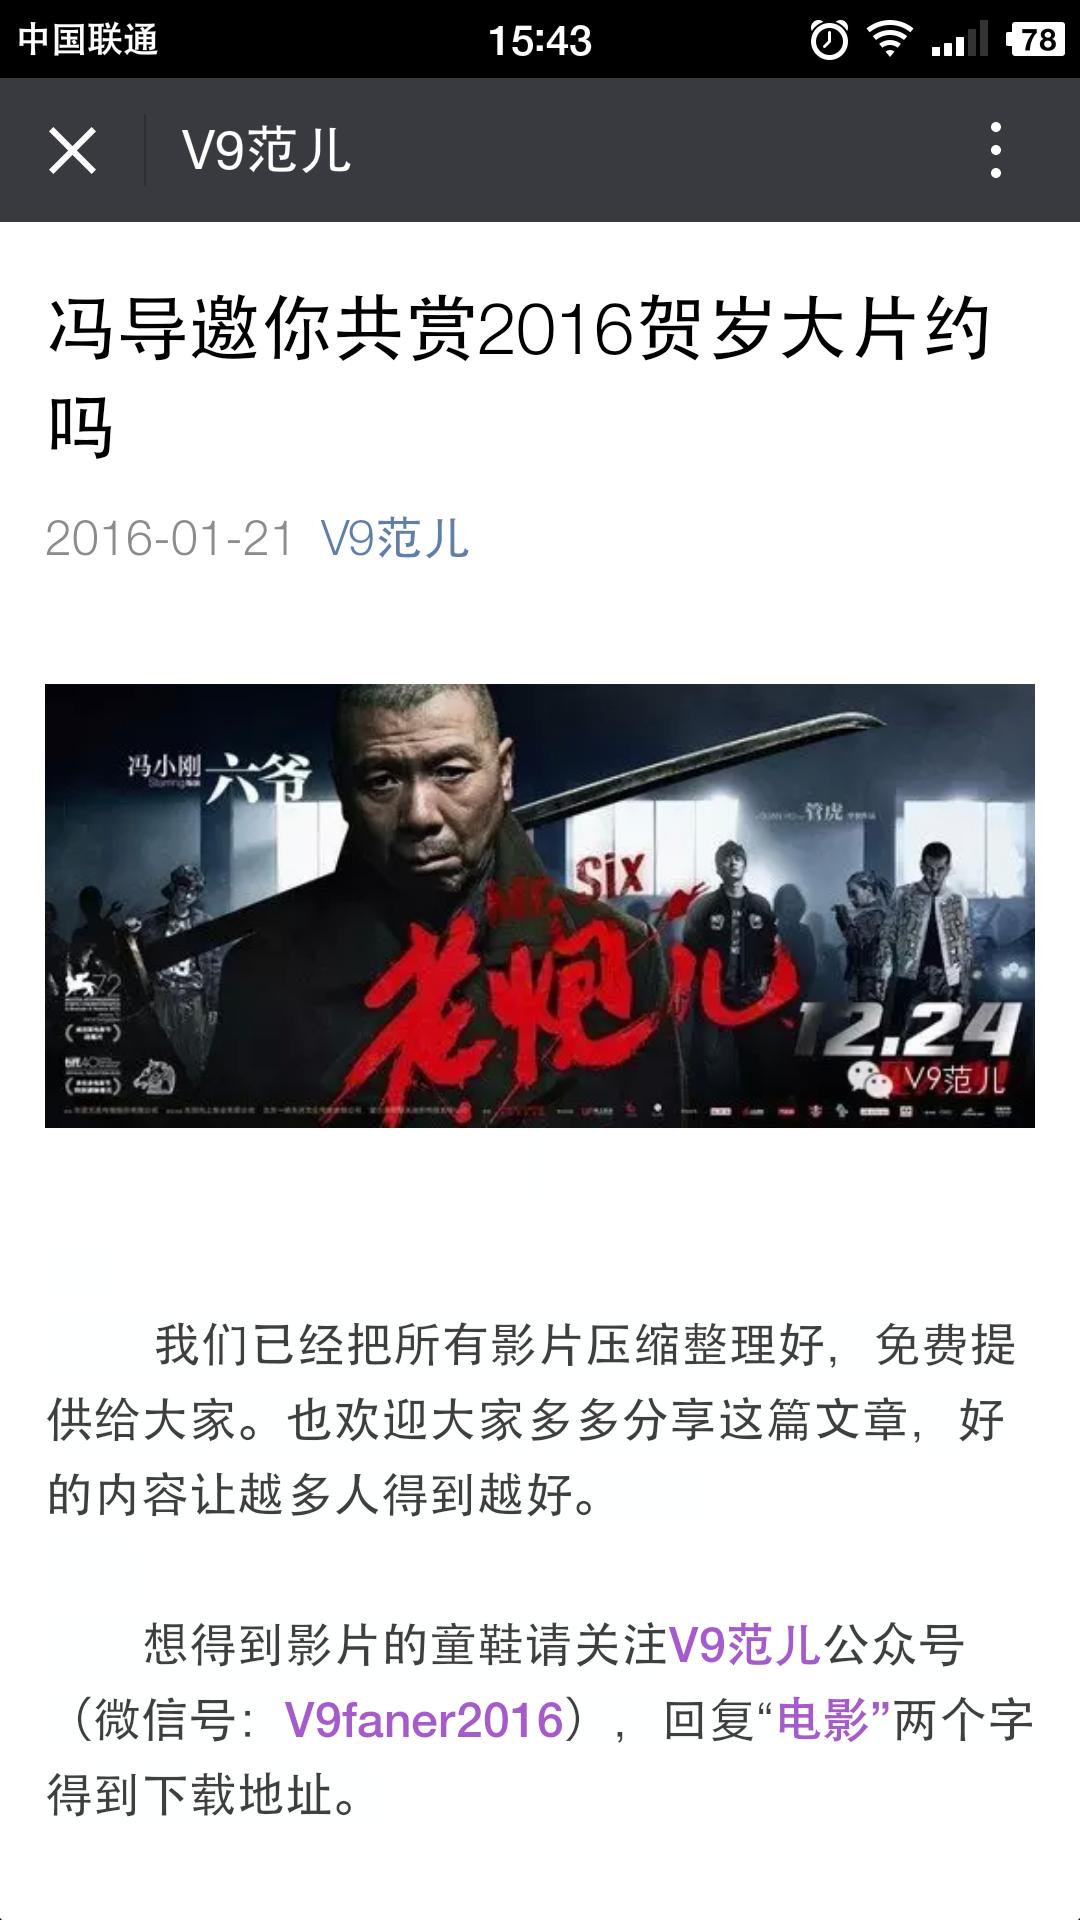 Screenshot_2016-02-11-15-43-24-878_微信.png